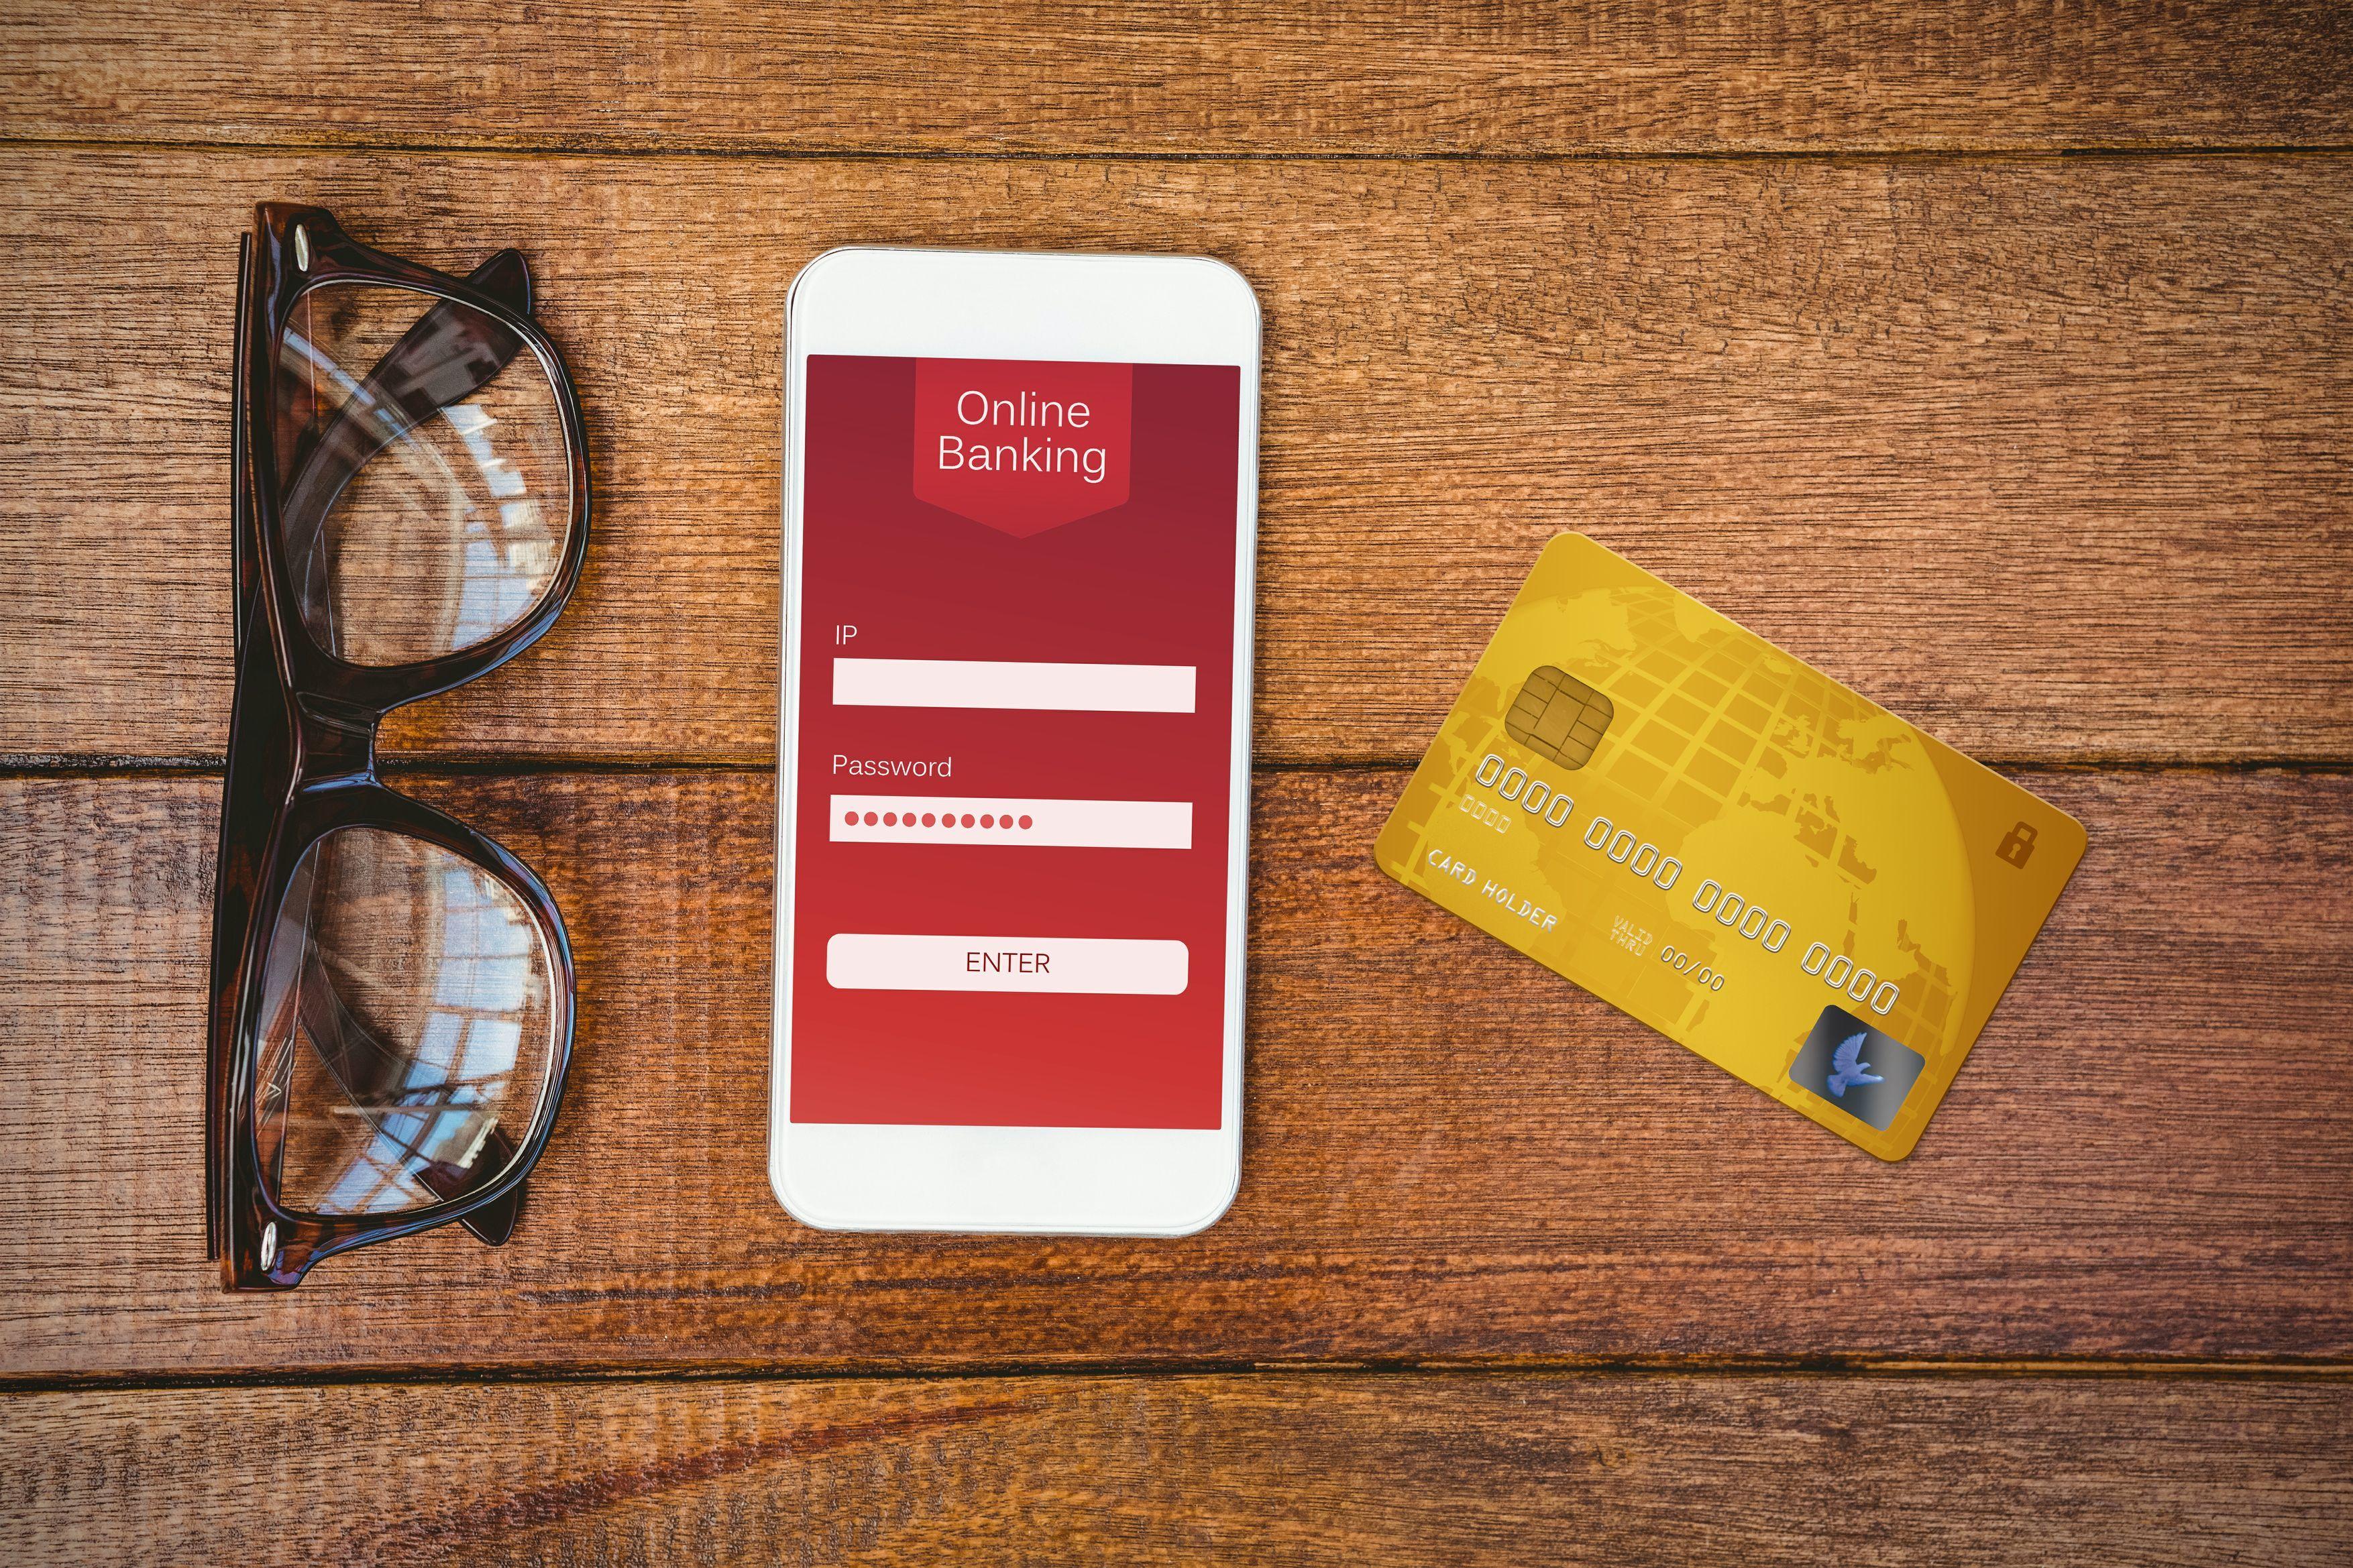 花旗银行信用卡分期利率是多少?